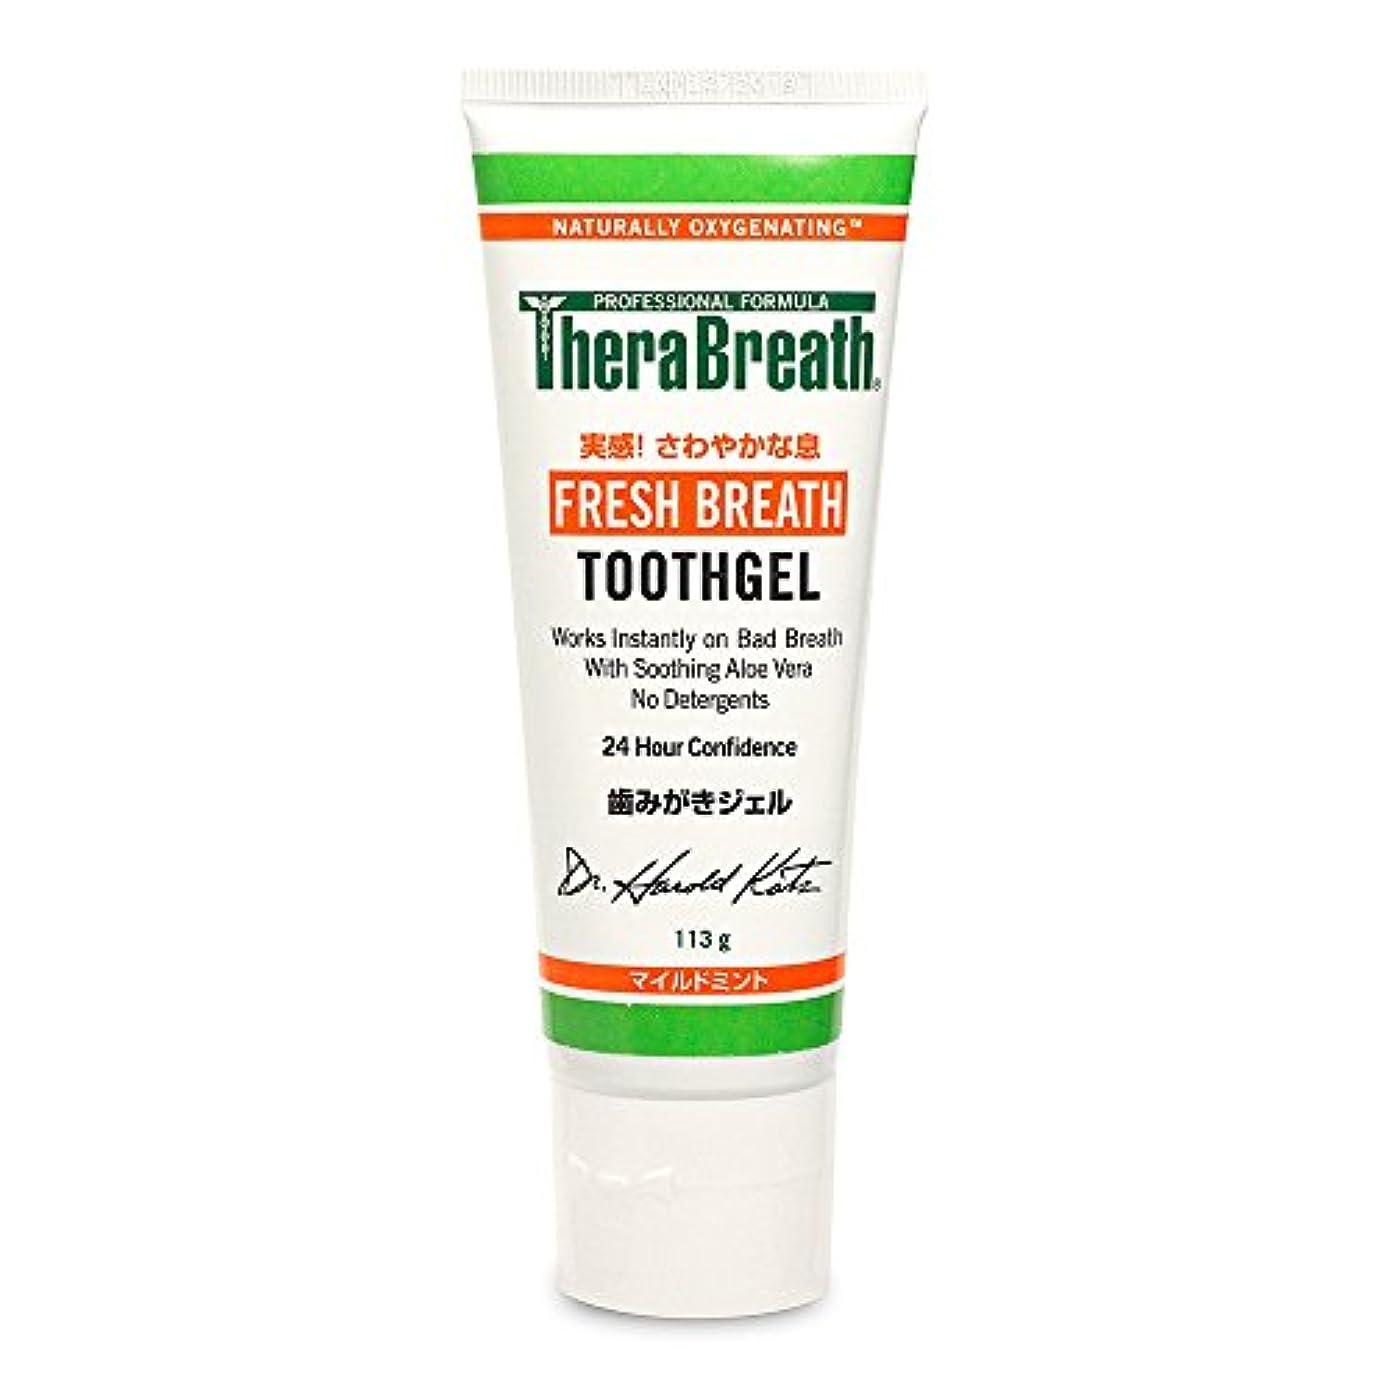 候補者臭い障害TheraBreath (セラブレス) セラブレストゥースジェル 113g (正規輸入品) 舌磨き